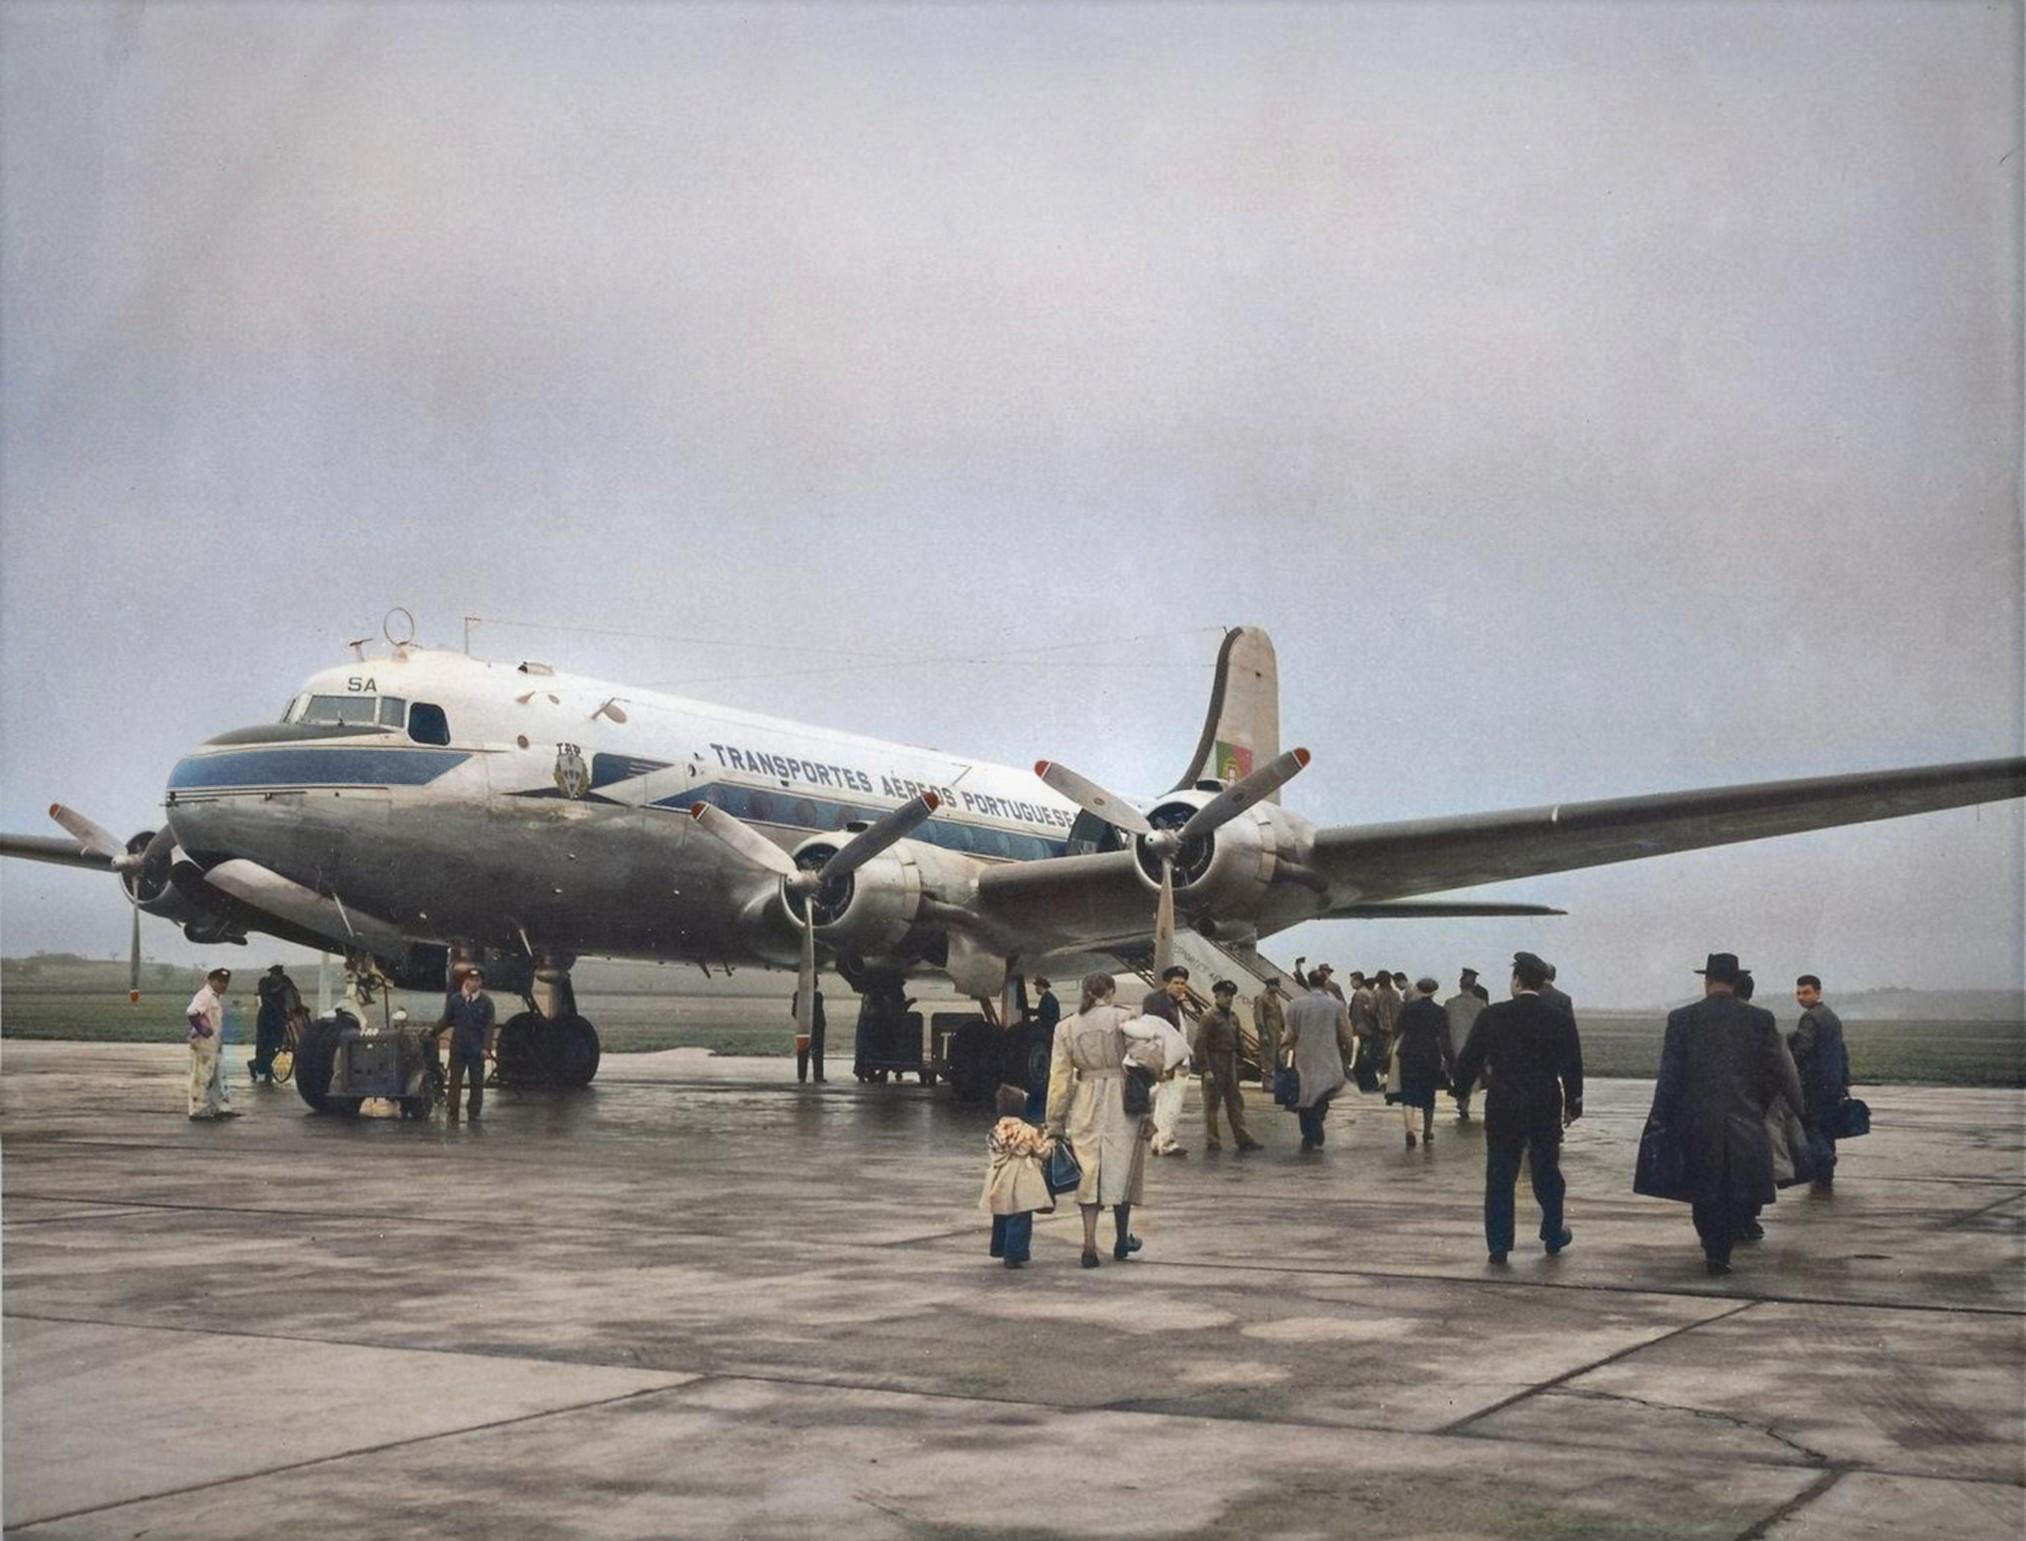 Embarque de passageiros no DC-4 Skymaster CS-TSA dos T.A.P., Portela, 1949-53 (Fototipia animada, Museu da T.A.P., FOTG0142 apud «Observador» em linha)